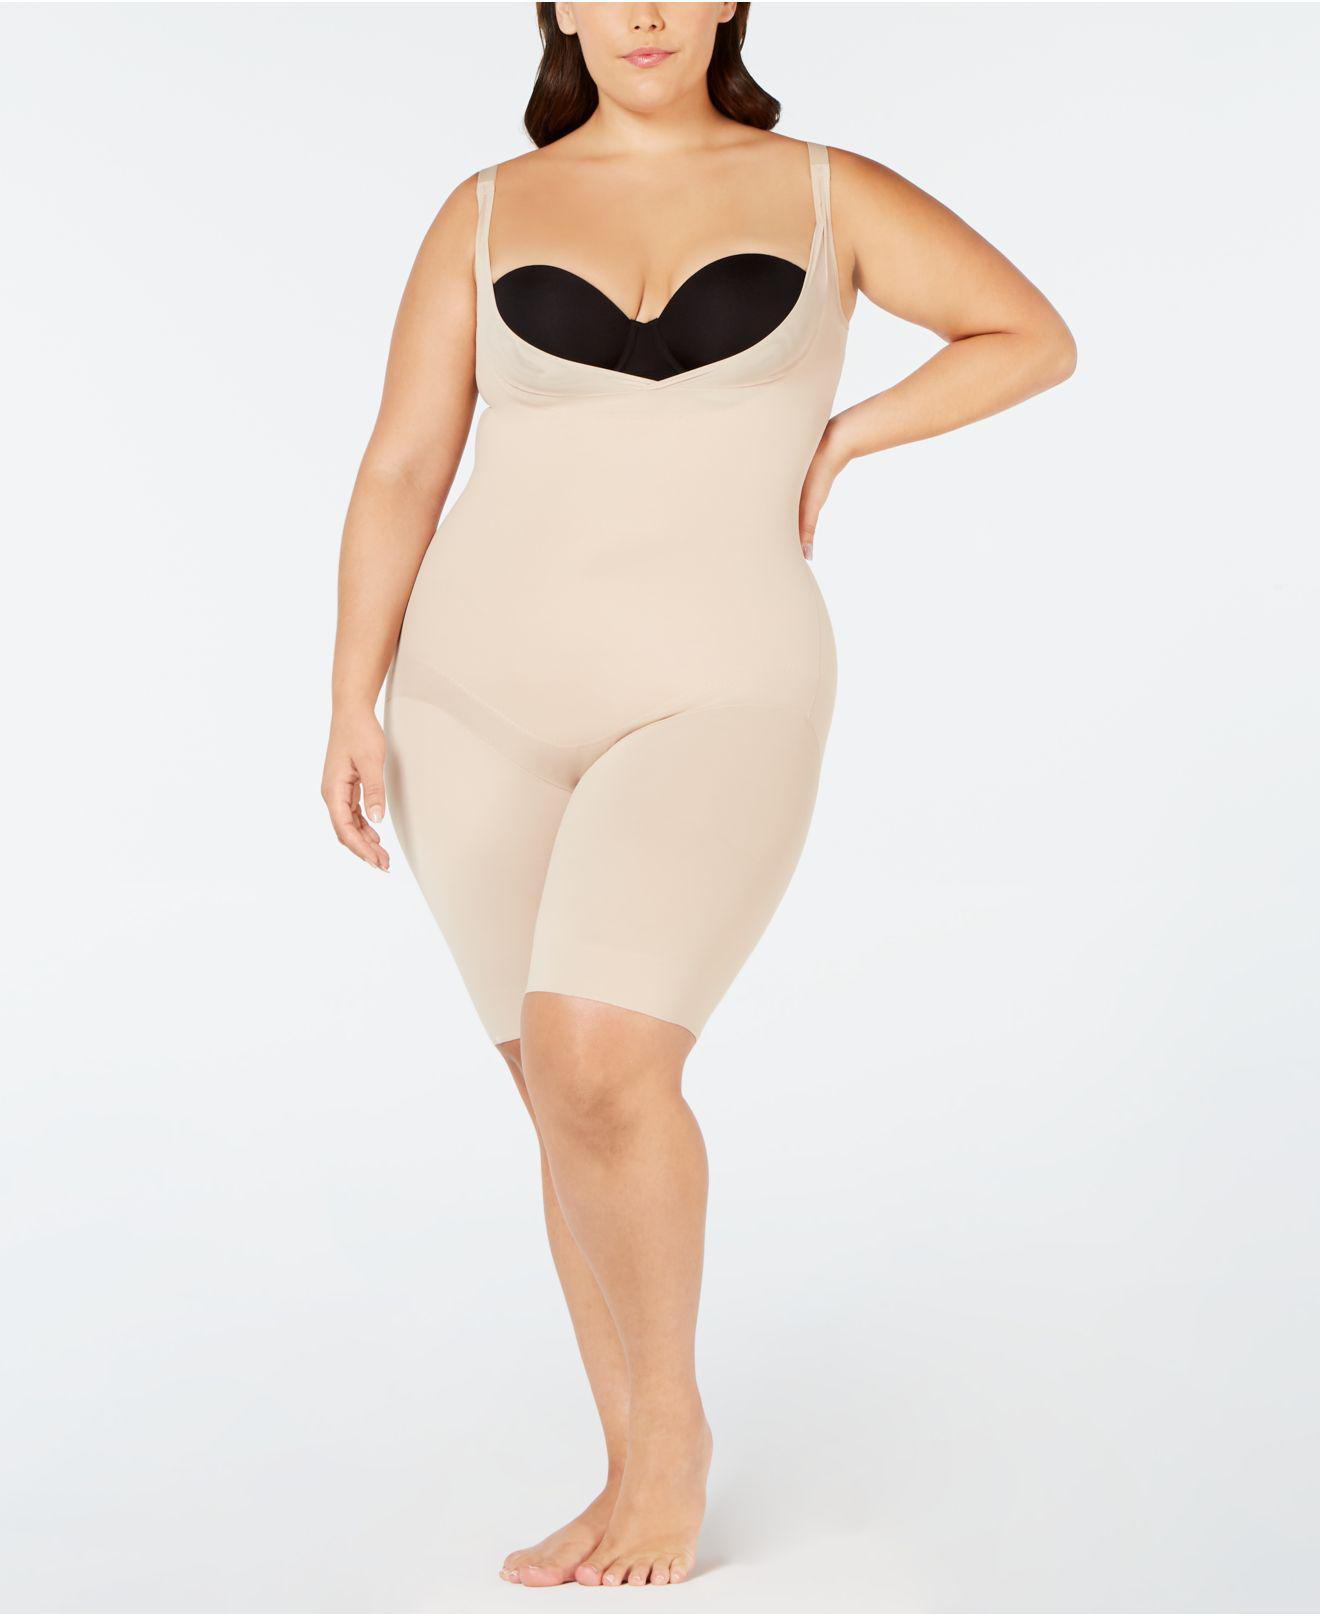 d26c1e673c Miraclesuit. Women s Natural Plus Size Flexible Fit Extra-firm Singlette  2931